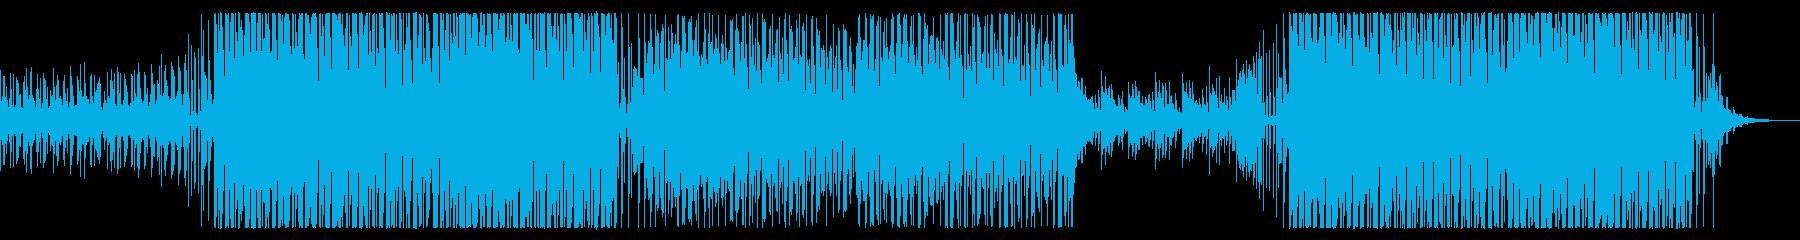 前向きでさわやか。透明感あるEDMの再生済みの波形